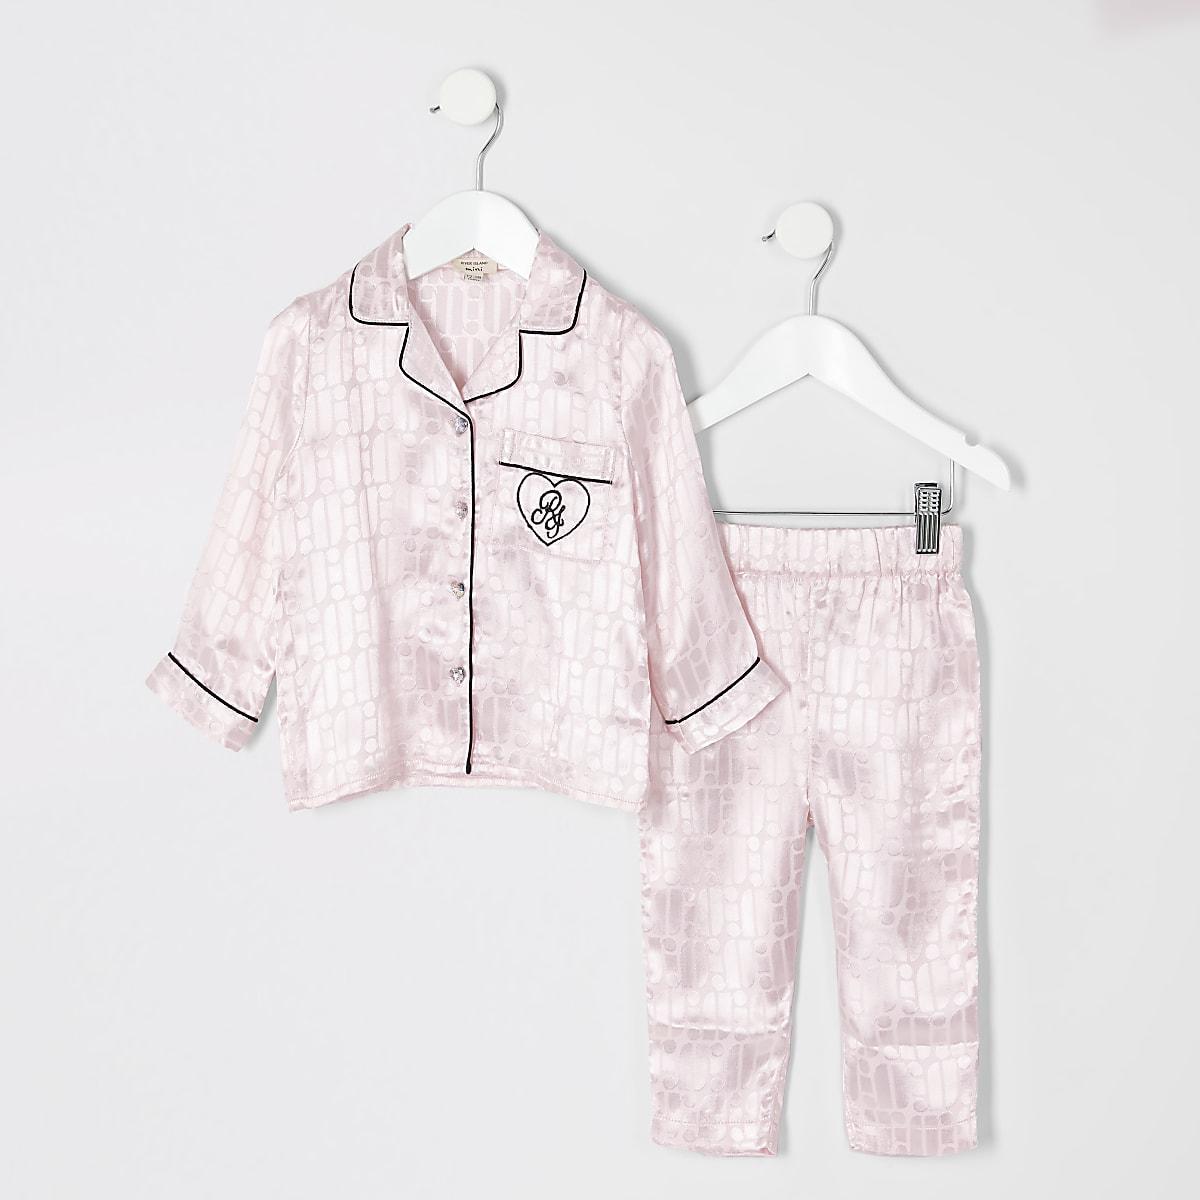 Mini - Outfit met roze pyjama met RI-monogram voor meisjes